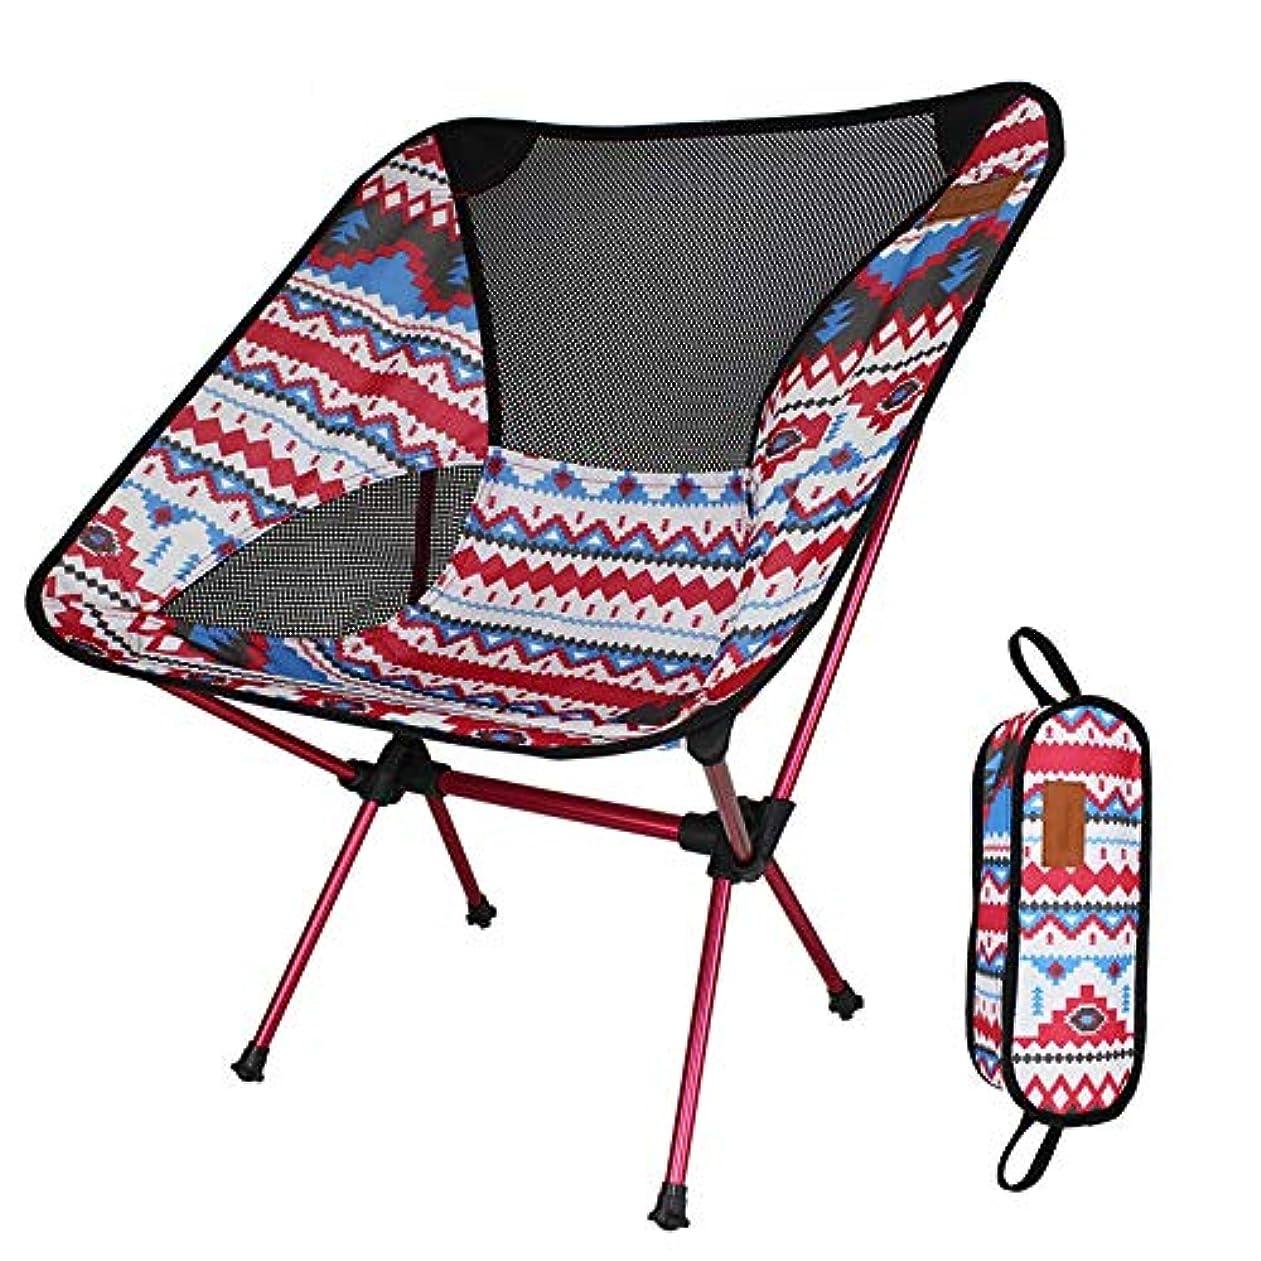 夕食を作る親密なエンゲージメント屋外の調節可能な折りたたみ椅子超軽量ポータブルアルミムーンチェアビーチキャンプ釣りレジャースケッチスツール(ブラウン/レッド) 屋外用チェア